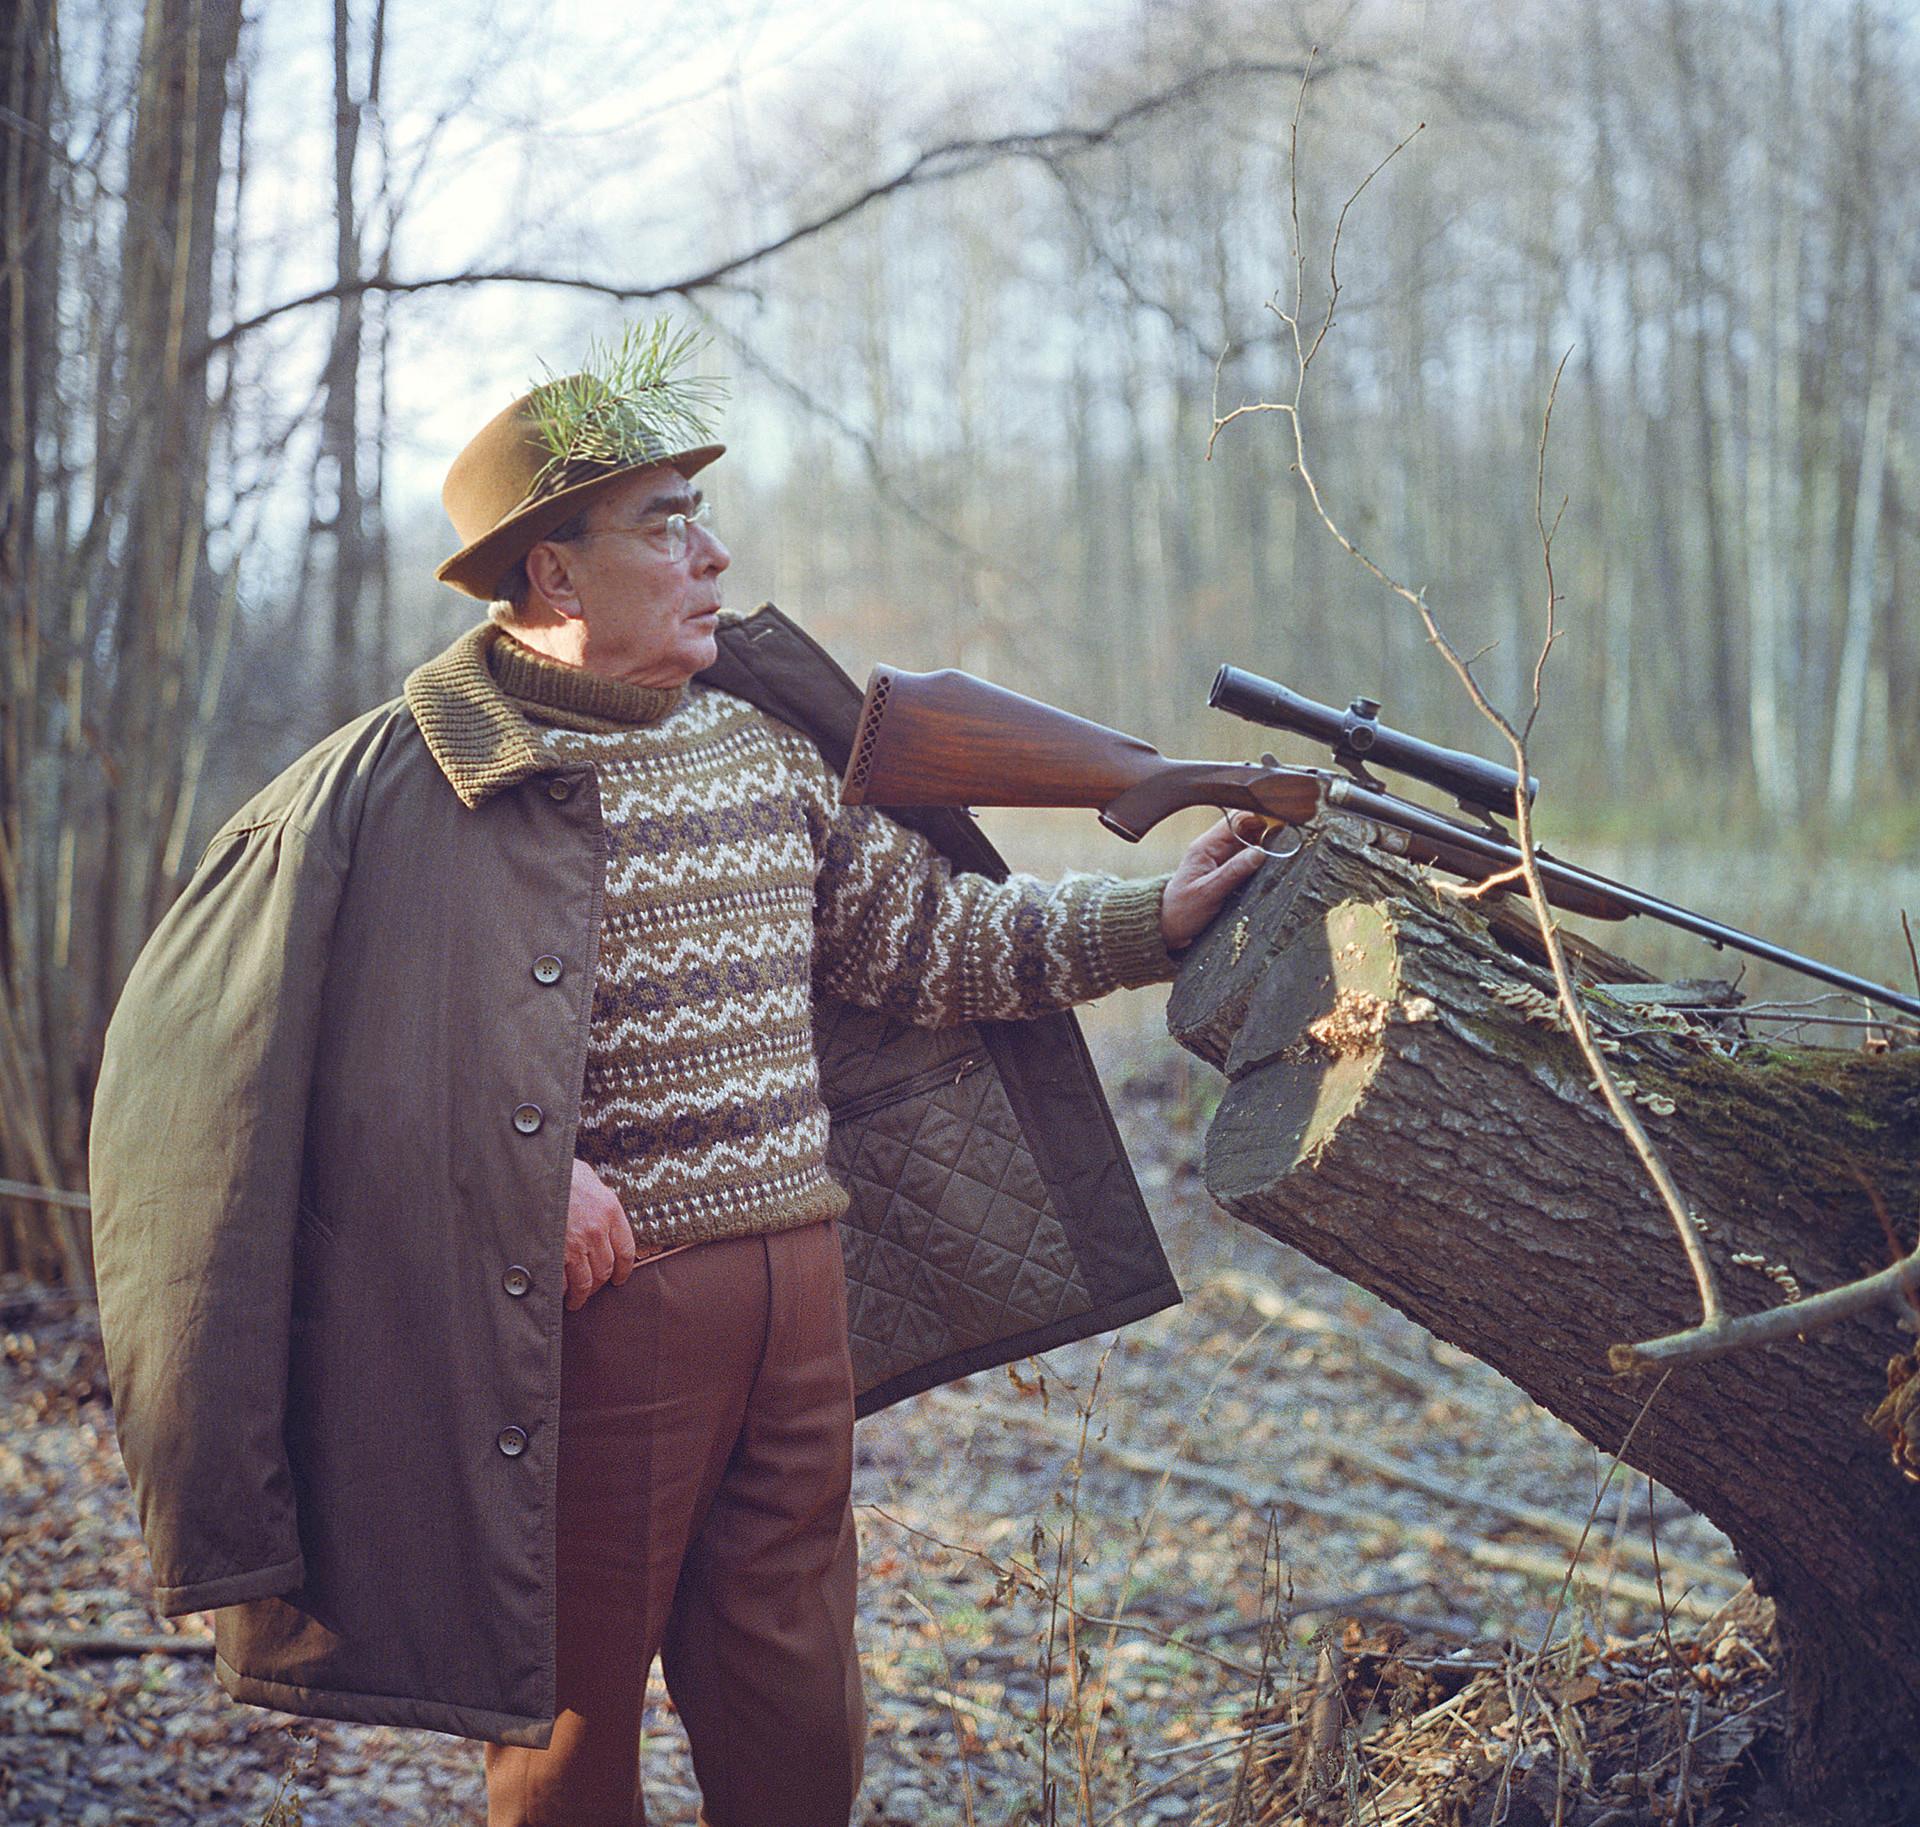 Auch Breschnew liebte das Jagen. Aber einmal kostete ihn dieses Hobby fast das Leben: Nachdem er einen Eber geschossen hatte, näherte sich der stolze Jäger seiner Beute. Aber das Tier war nur verwundet und stürzte sich angriffslustig auf seinen Feind. Ein Jagdkollege konnte das Tier dann verjagen.